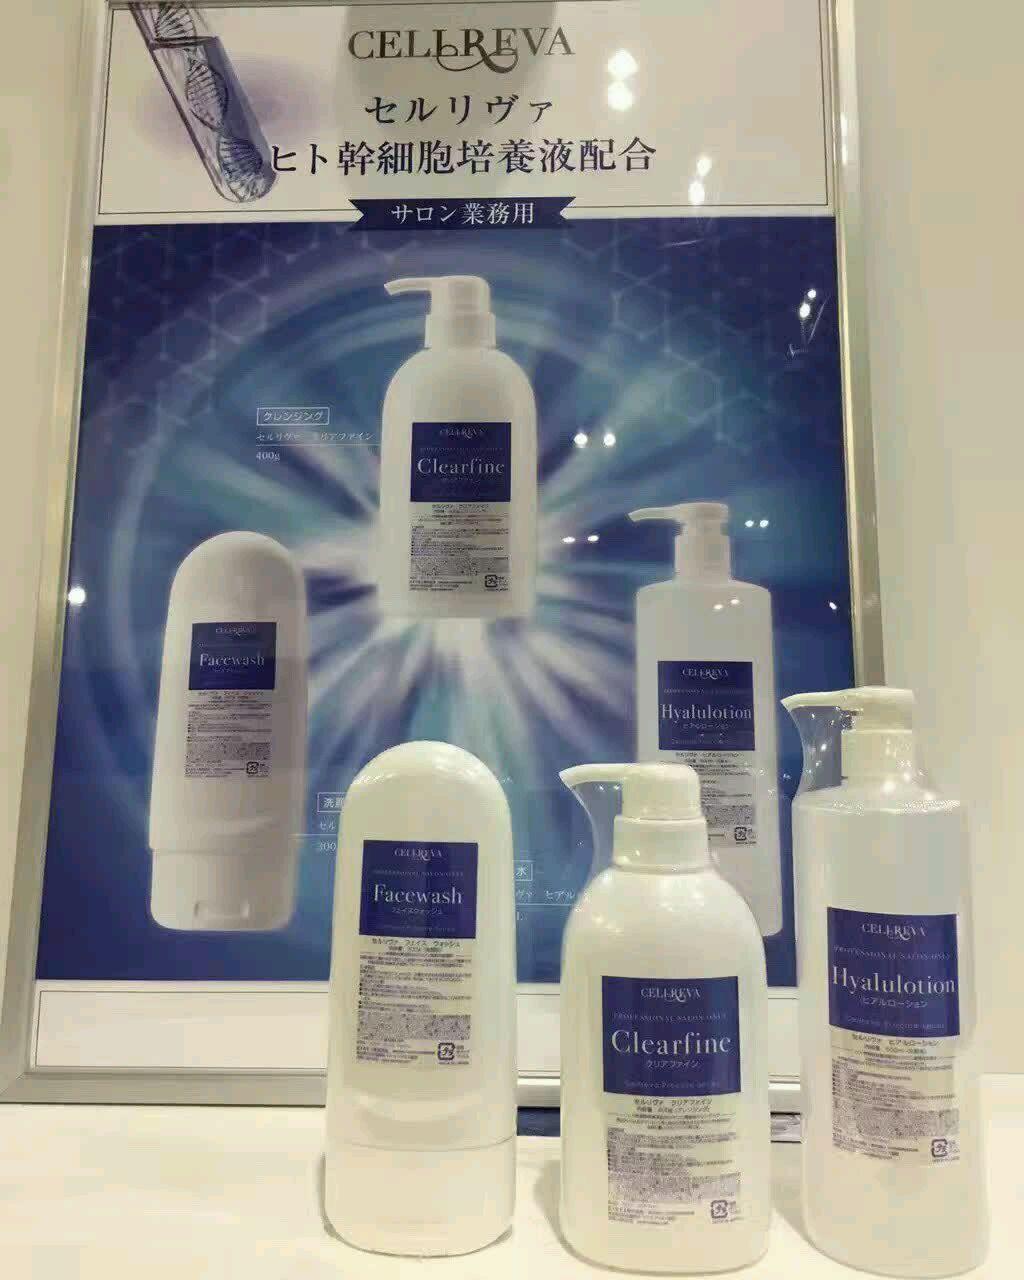 日本銀座 CELLREVA 化妝水的圖片搜尋結果